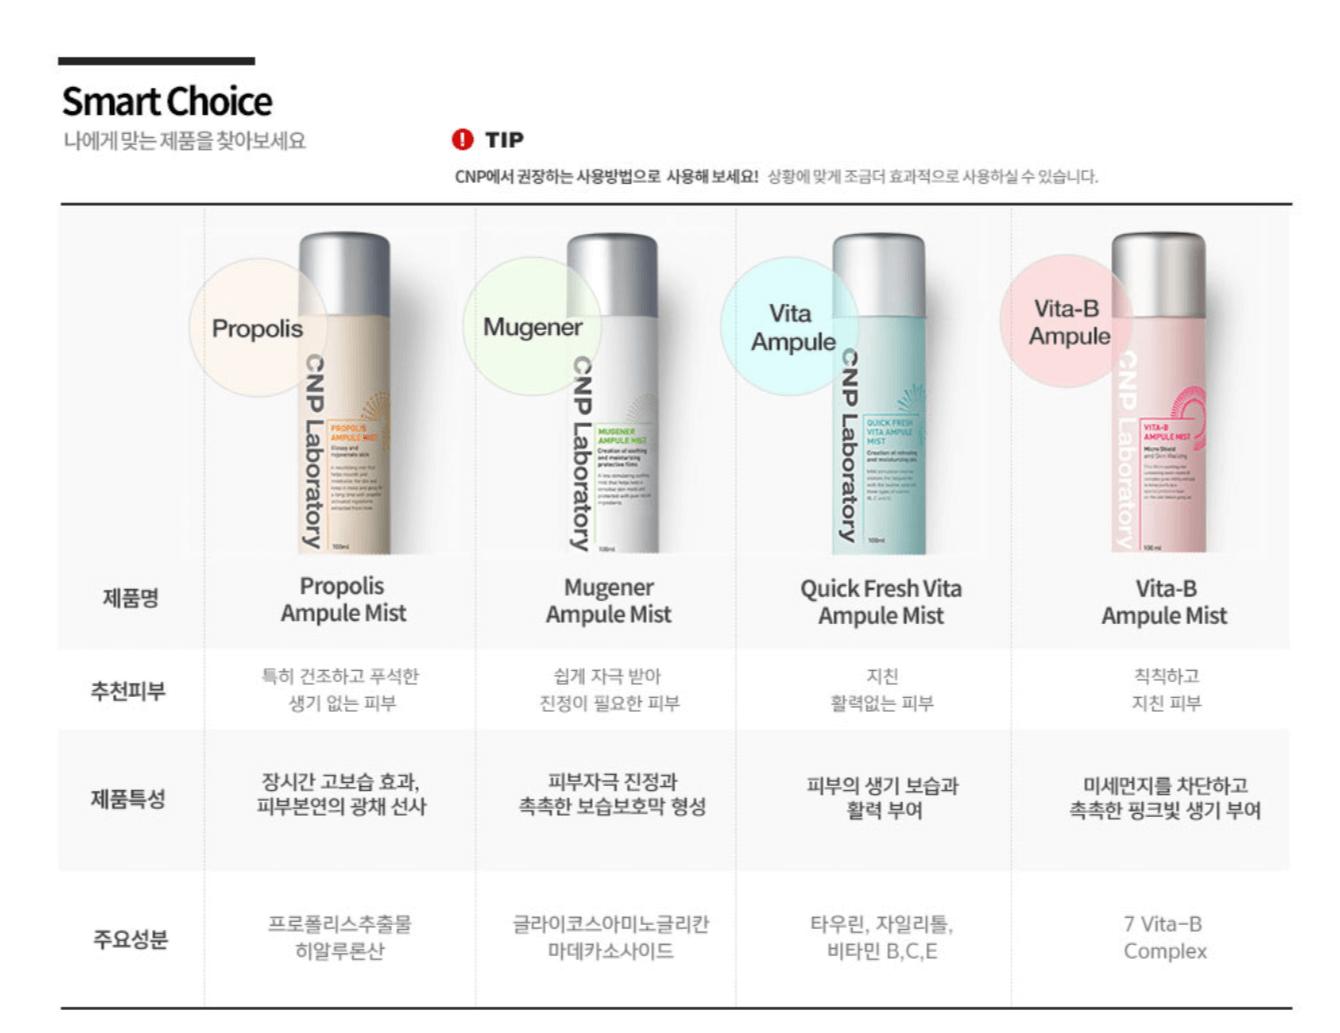 CNPのミストは全部で4種類!あなたの肌に合うのはどれ?